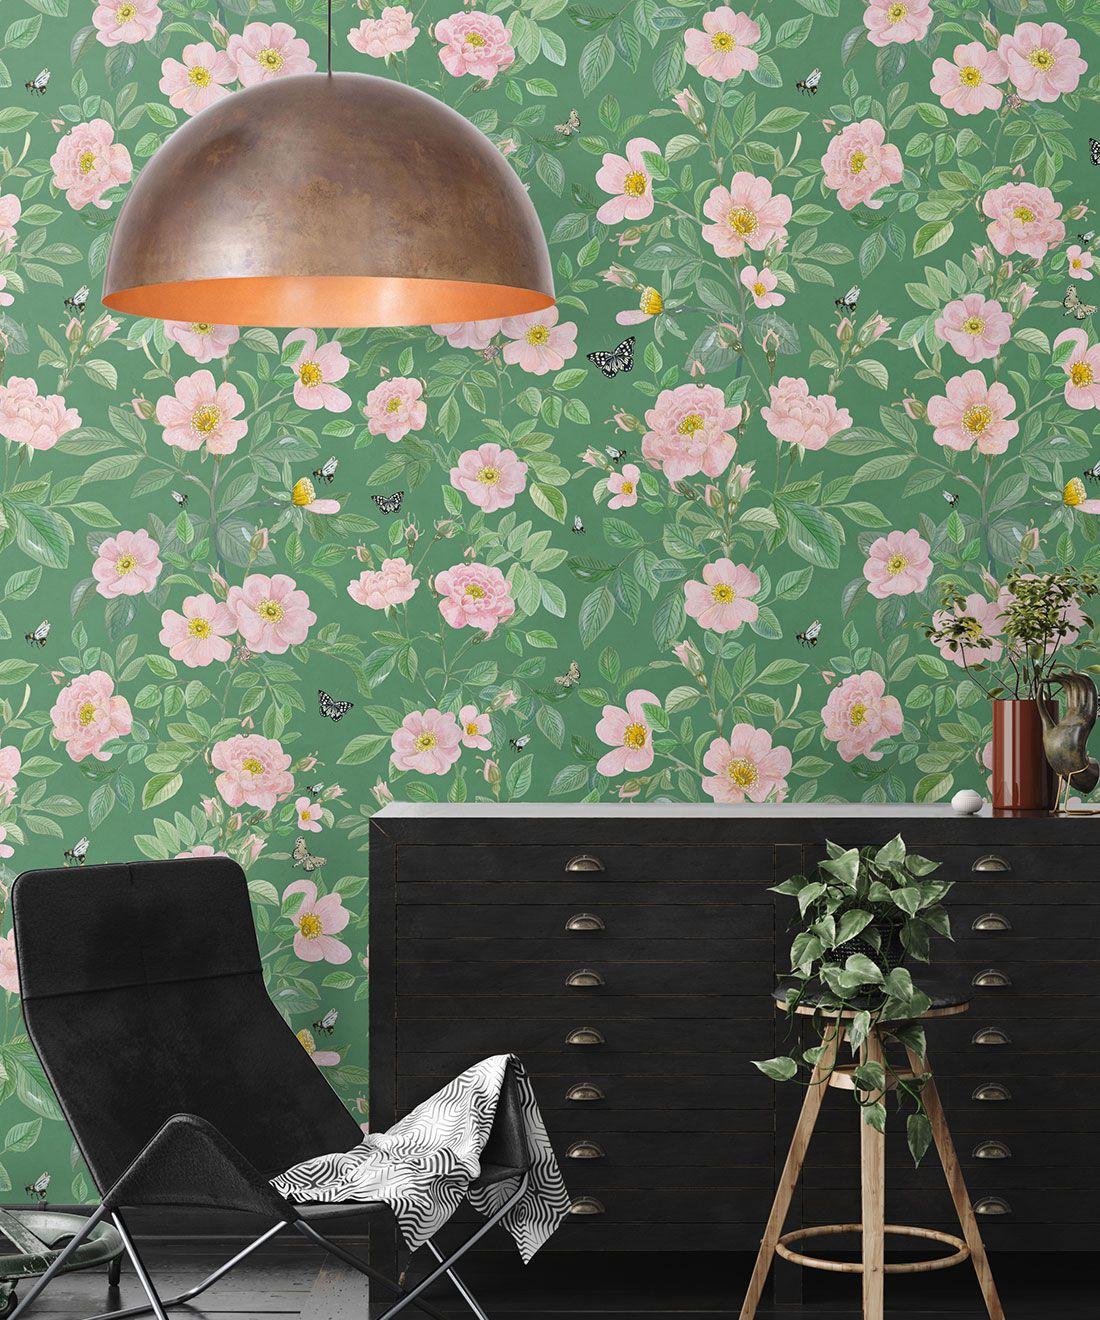 Rosa Wallpaper • Floral Wallpaper • Green • Insitu